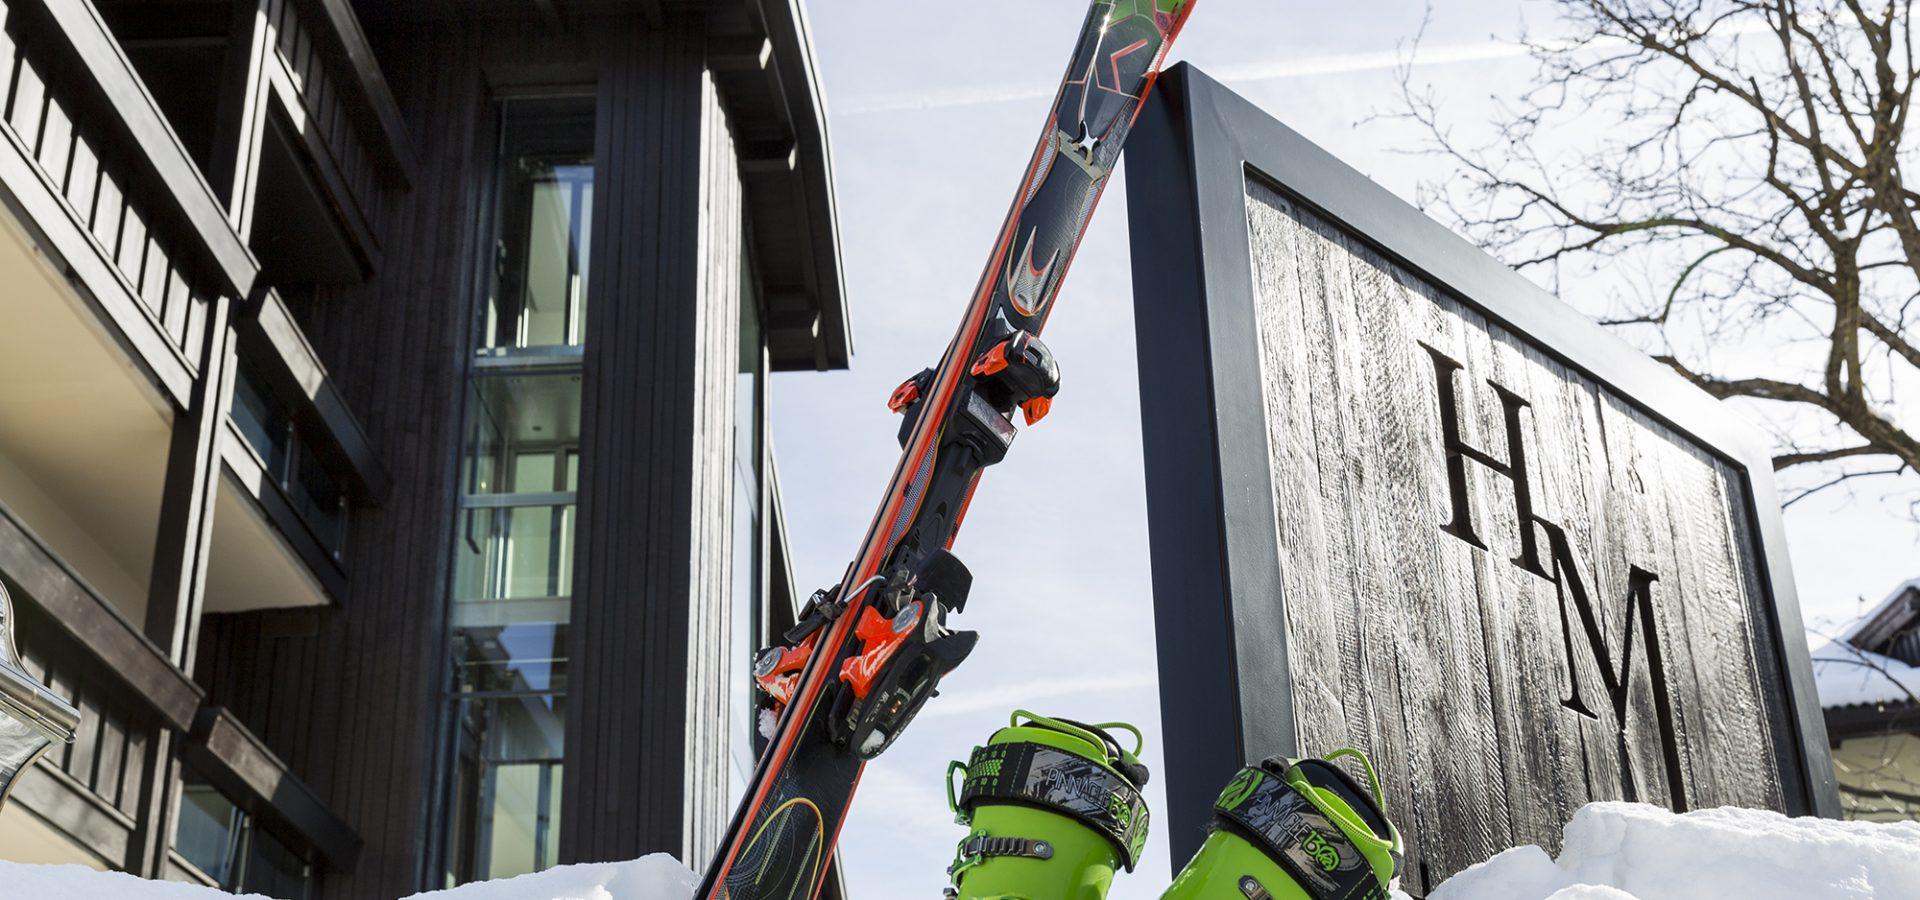 hotel-mayr-kastelruth-eingangschild-schnee-skier